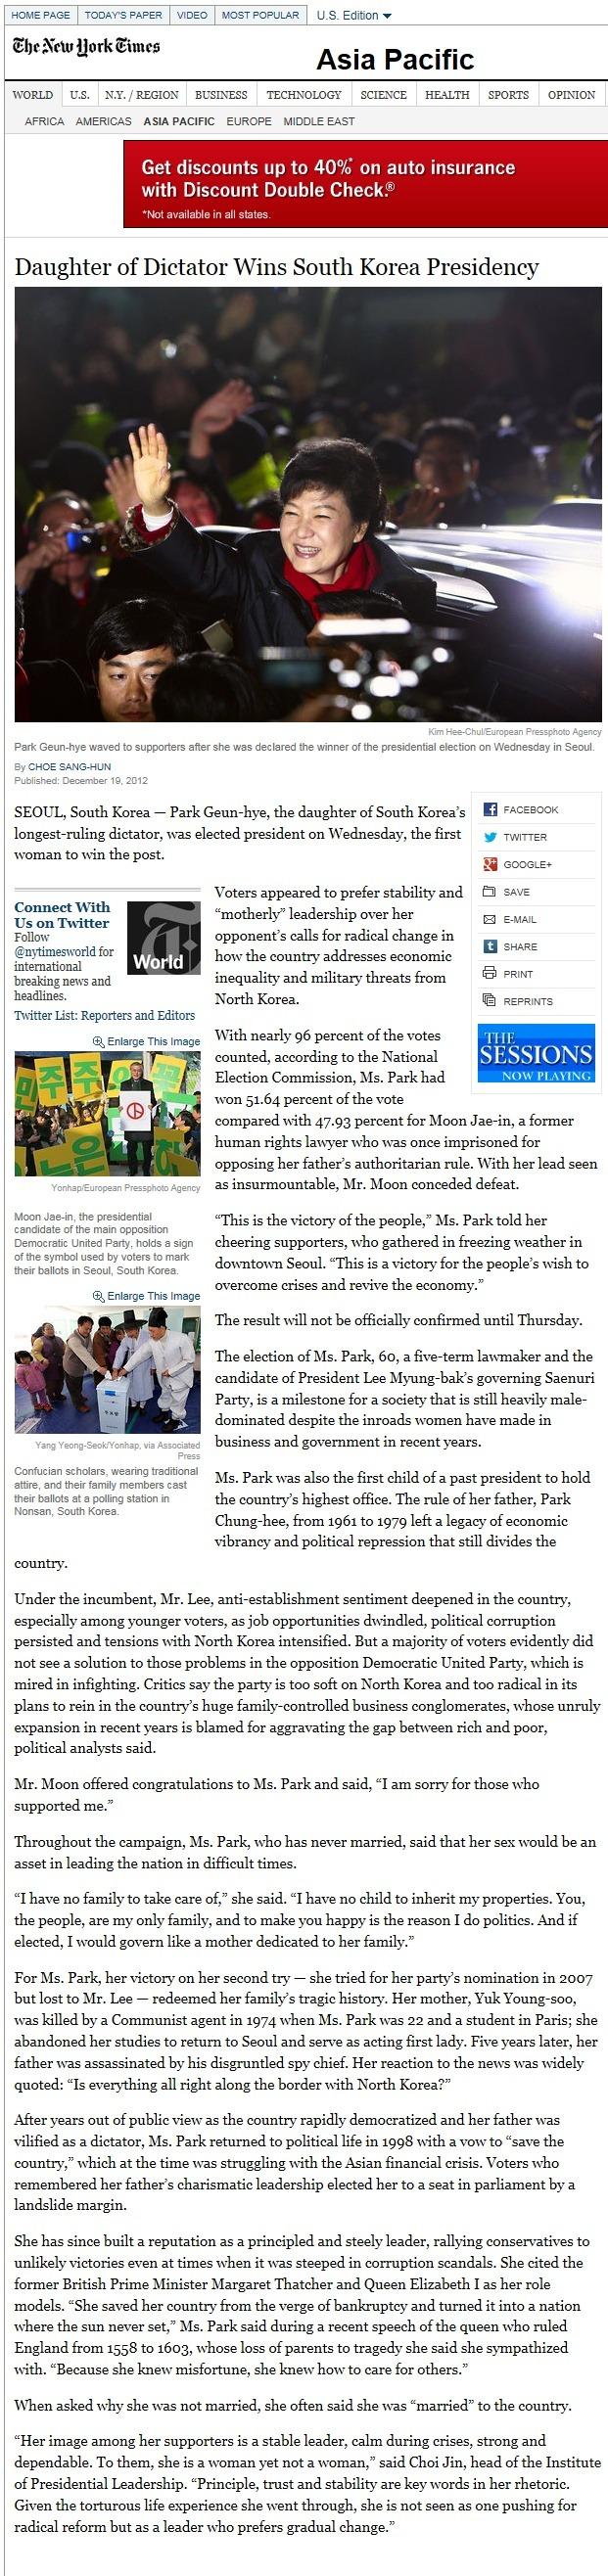 뉴욕타임스, 박근혜 당선보도 '독재자의 딸 한국대통령선거에서 이기다'